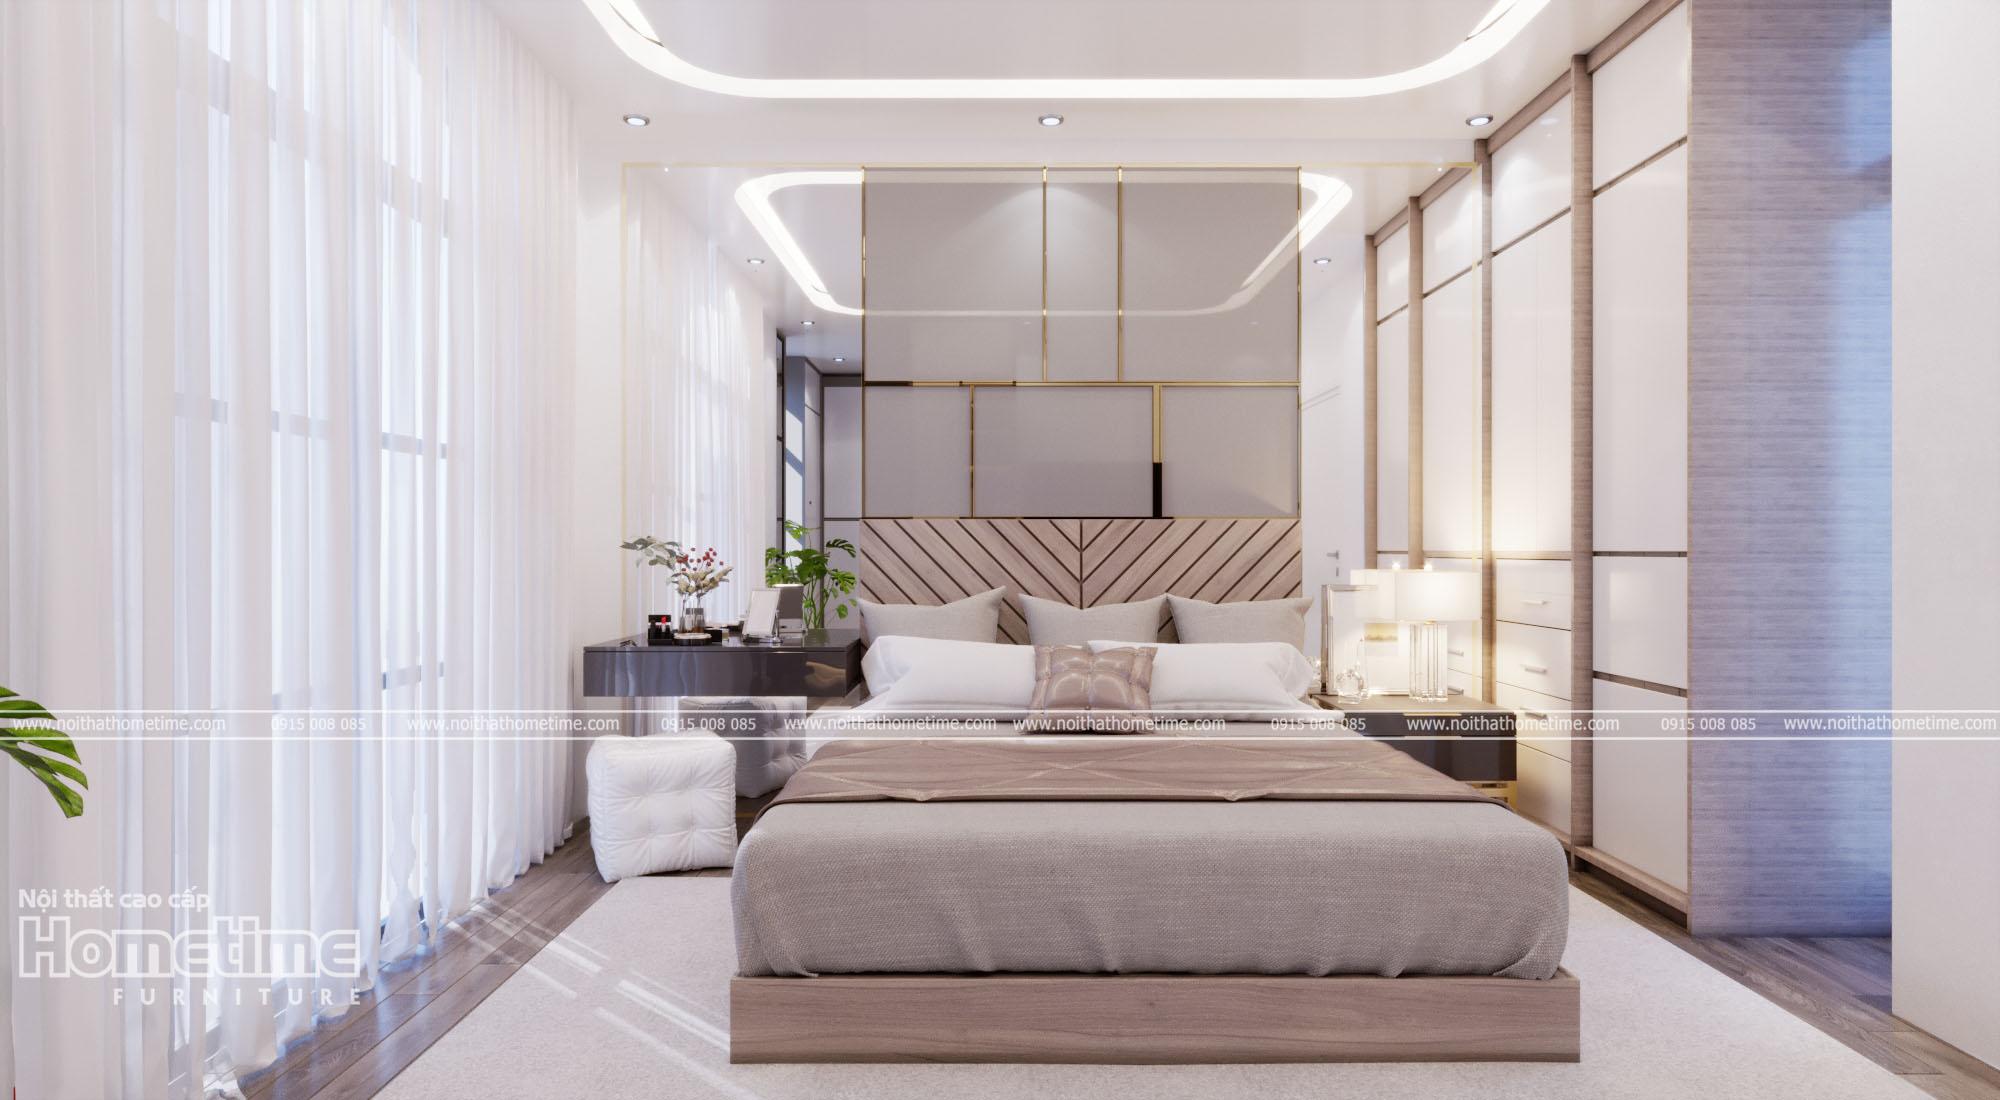 Chiếc giường ngủ nhã nhặn, thanh lịch